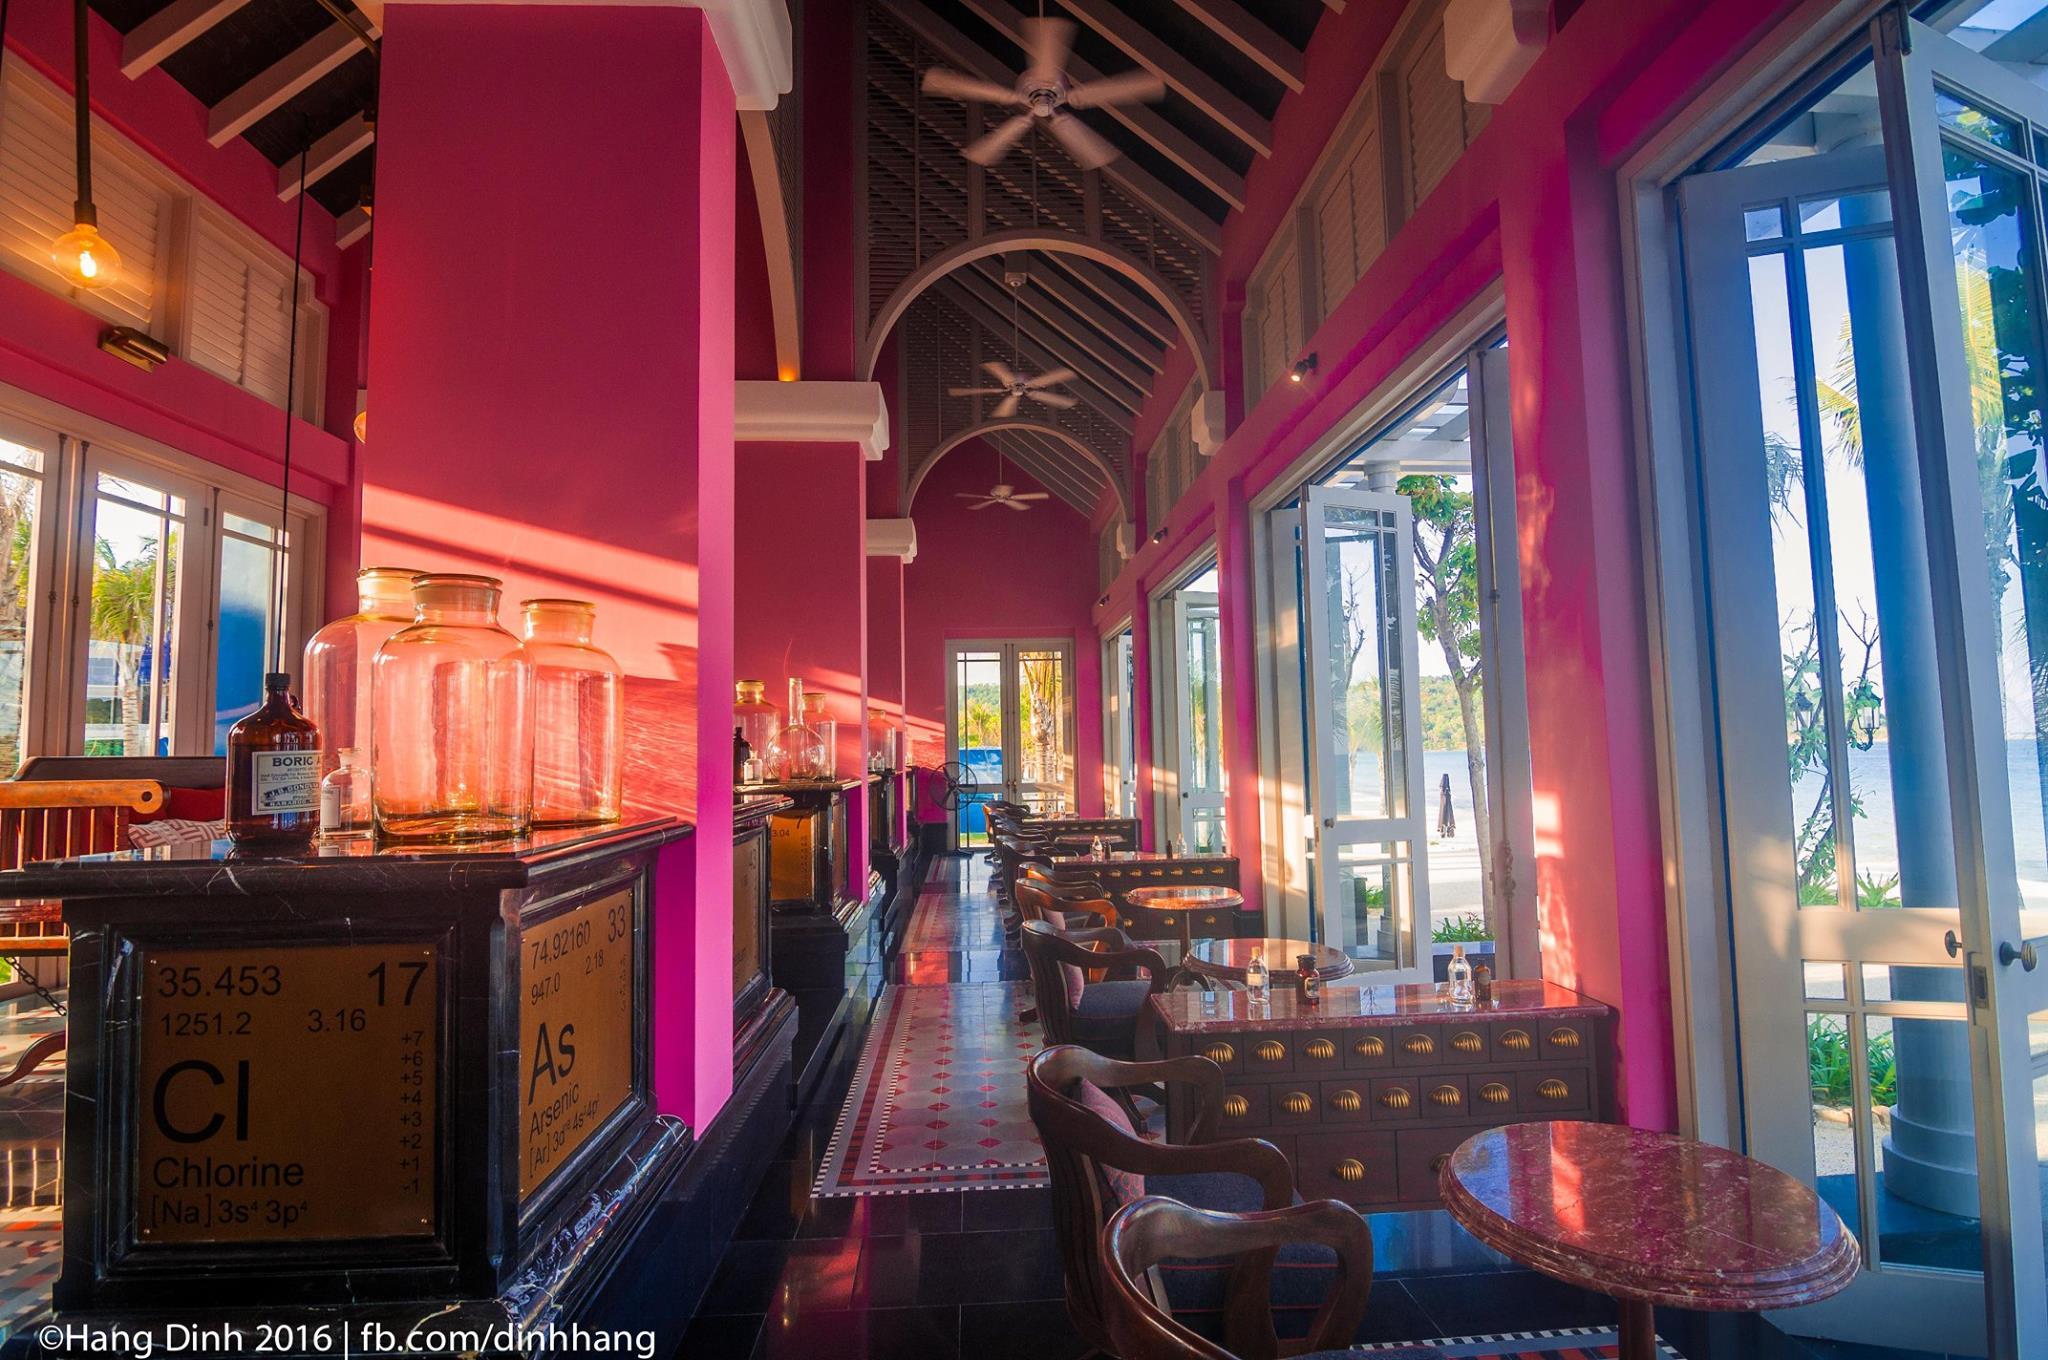 Trải nghiệm resort xa hoa như thiên đường ở Phú Quốc: Đẹp choáng ngợp, ăn ngon không thốt nên lời! - Ảnh 19.